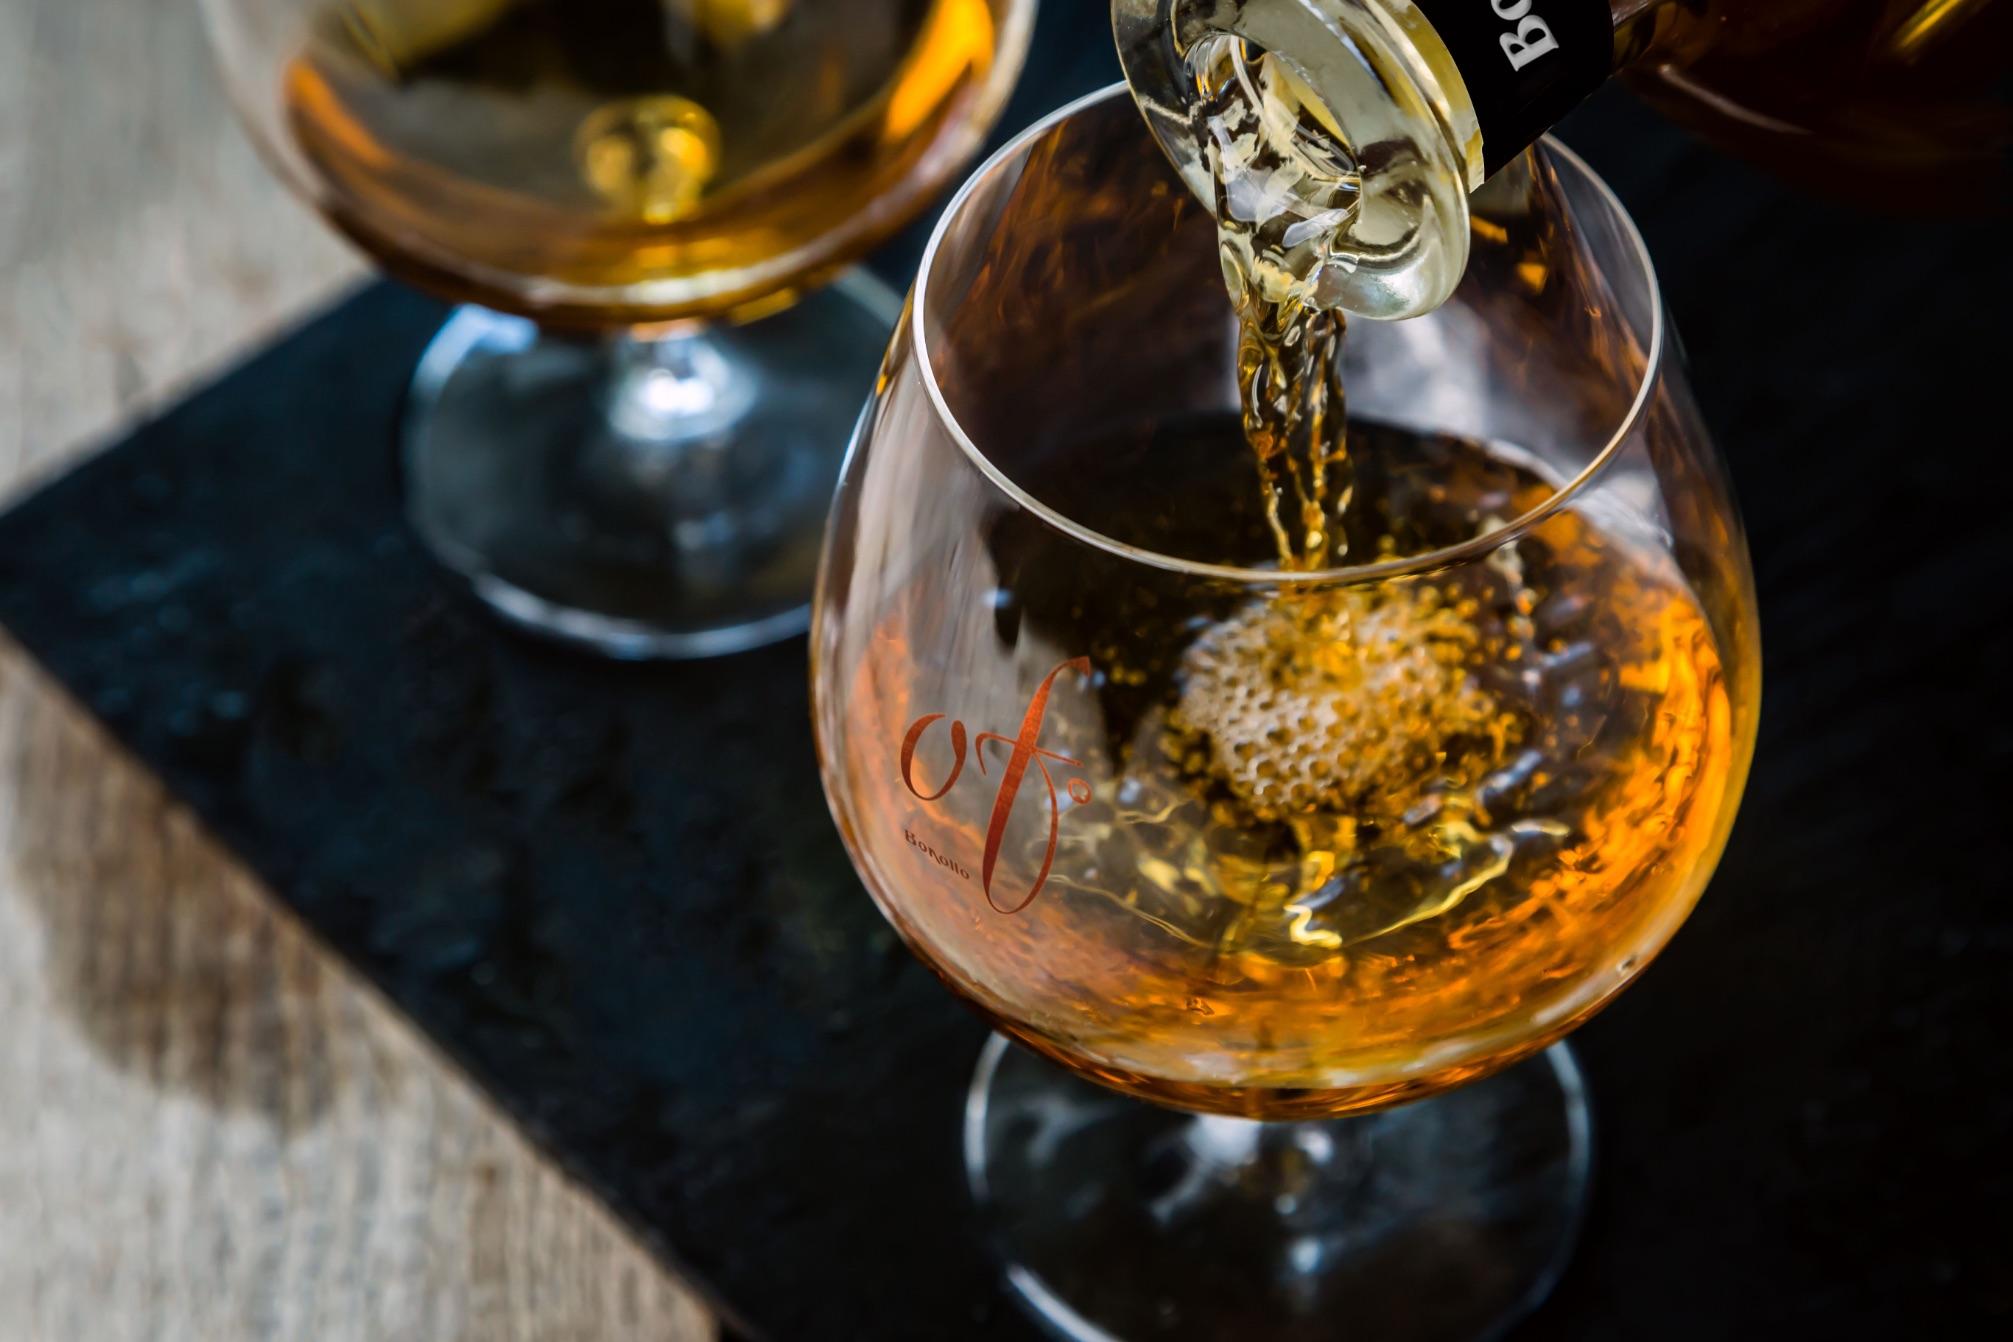 storia-grappa-produzione-distillazione-acquavite-italiana